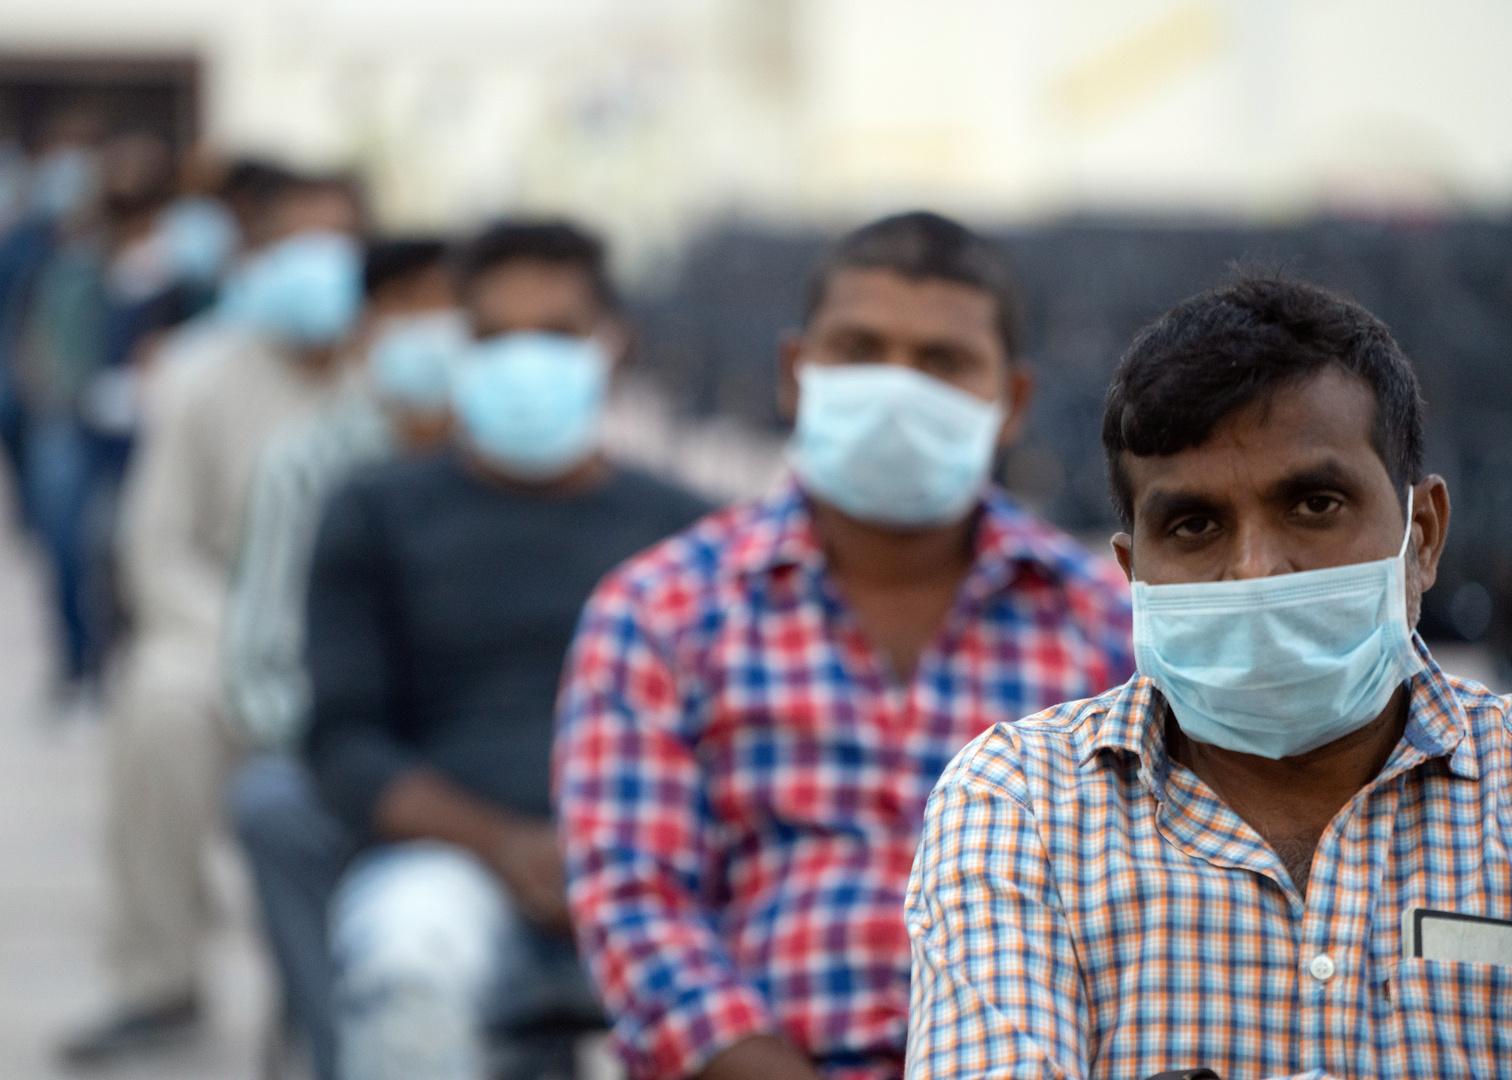 الكويت.. شفاء 7 حالات جديدة من كورونا وإجمالي عدد المتعافين بلغ 64